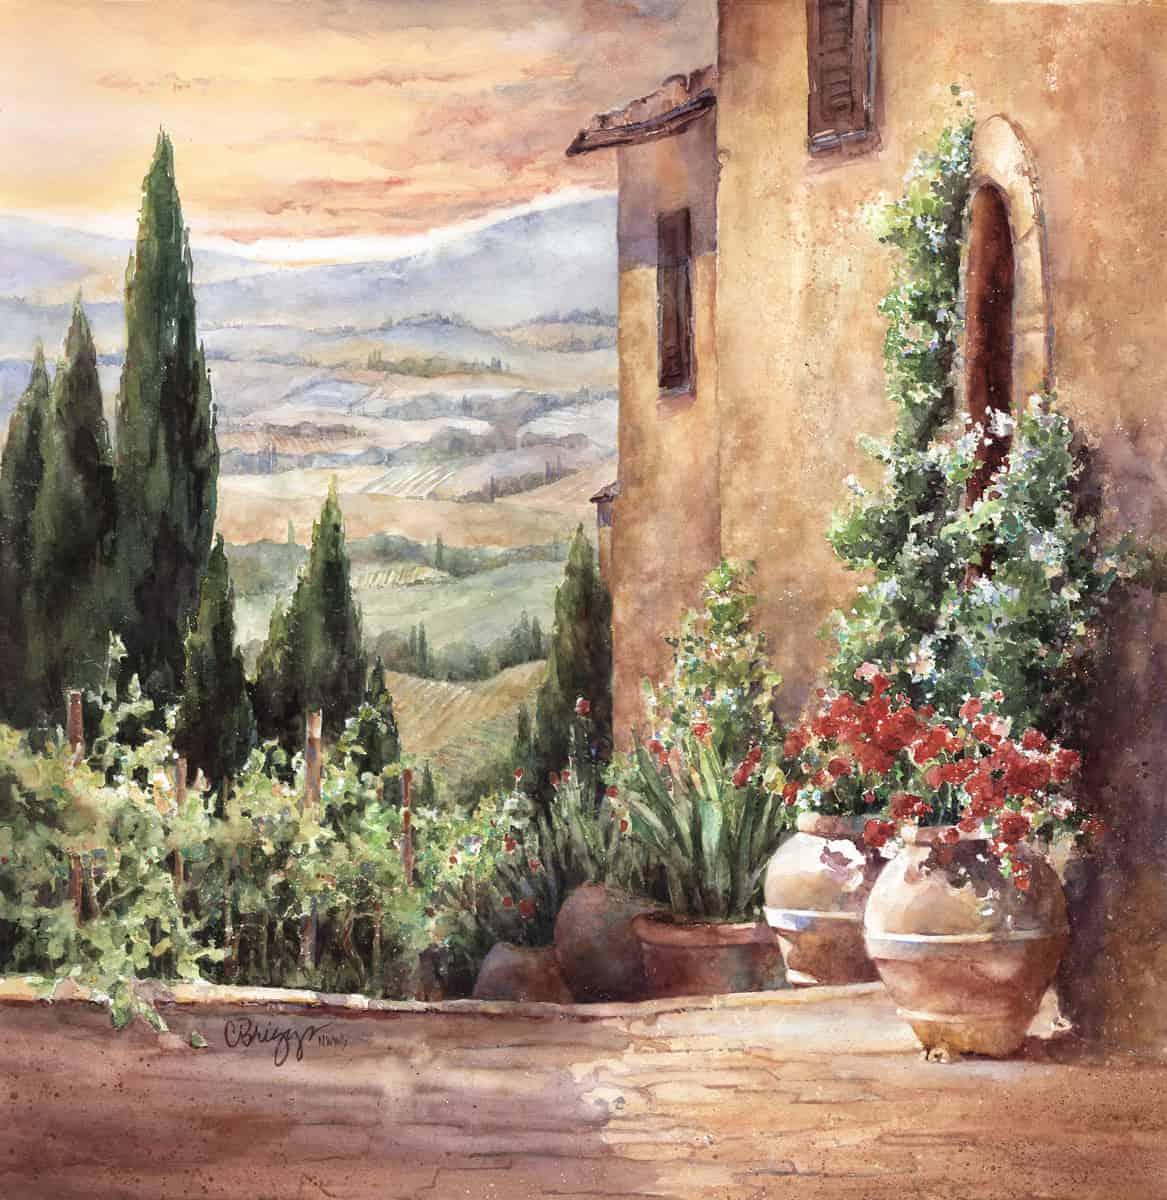 CINDY BRIGGS - Toscano Terrazzo (Pienza, Italy)